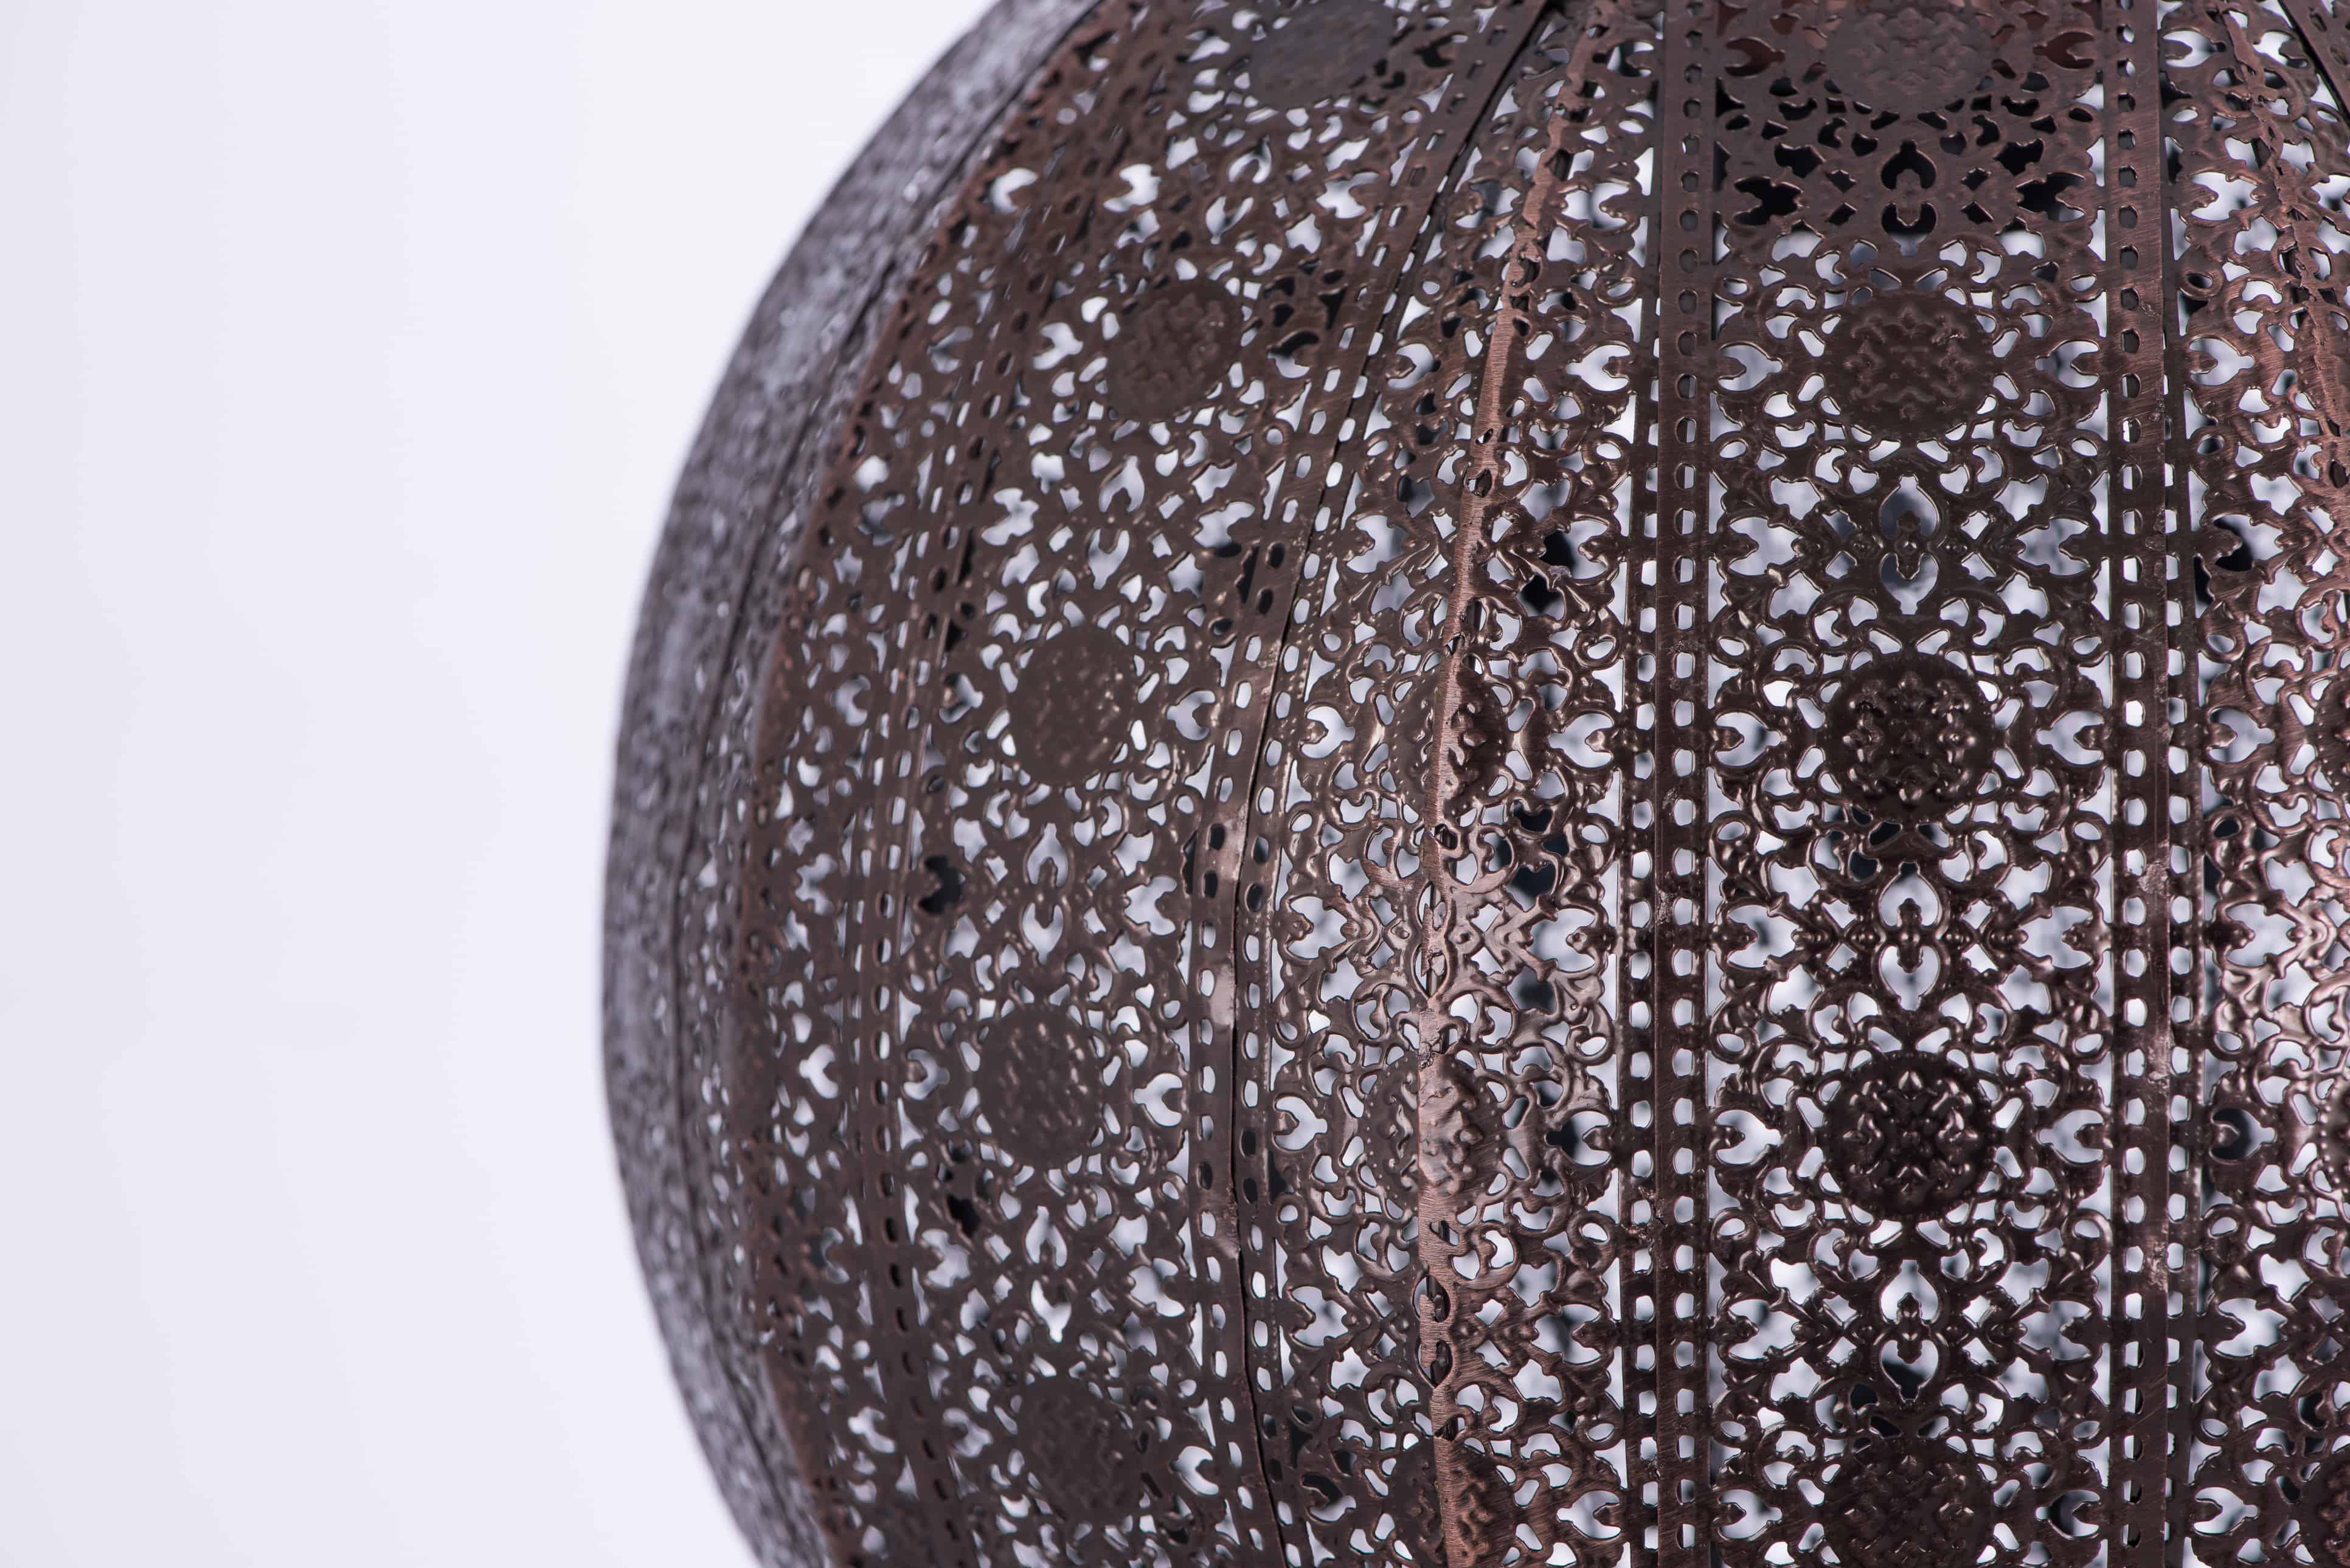 紅銅刷黑蕾絲花邊圓形吊燈-BNL00075 2